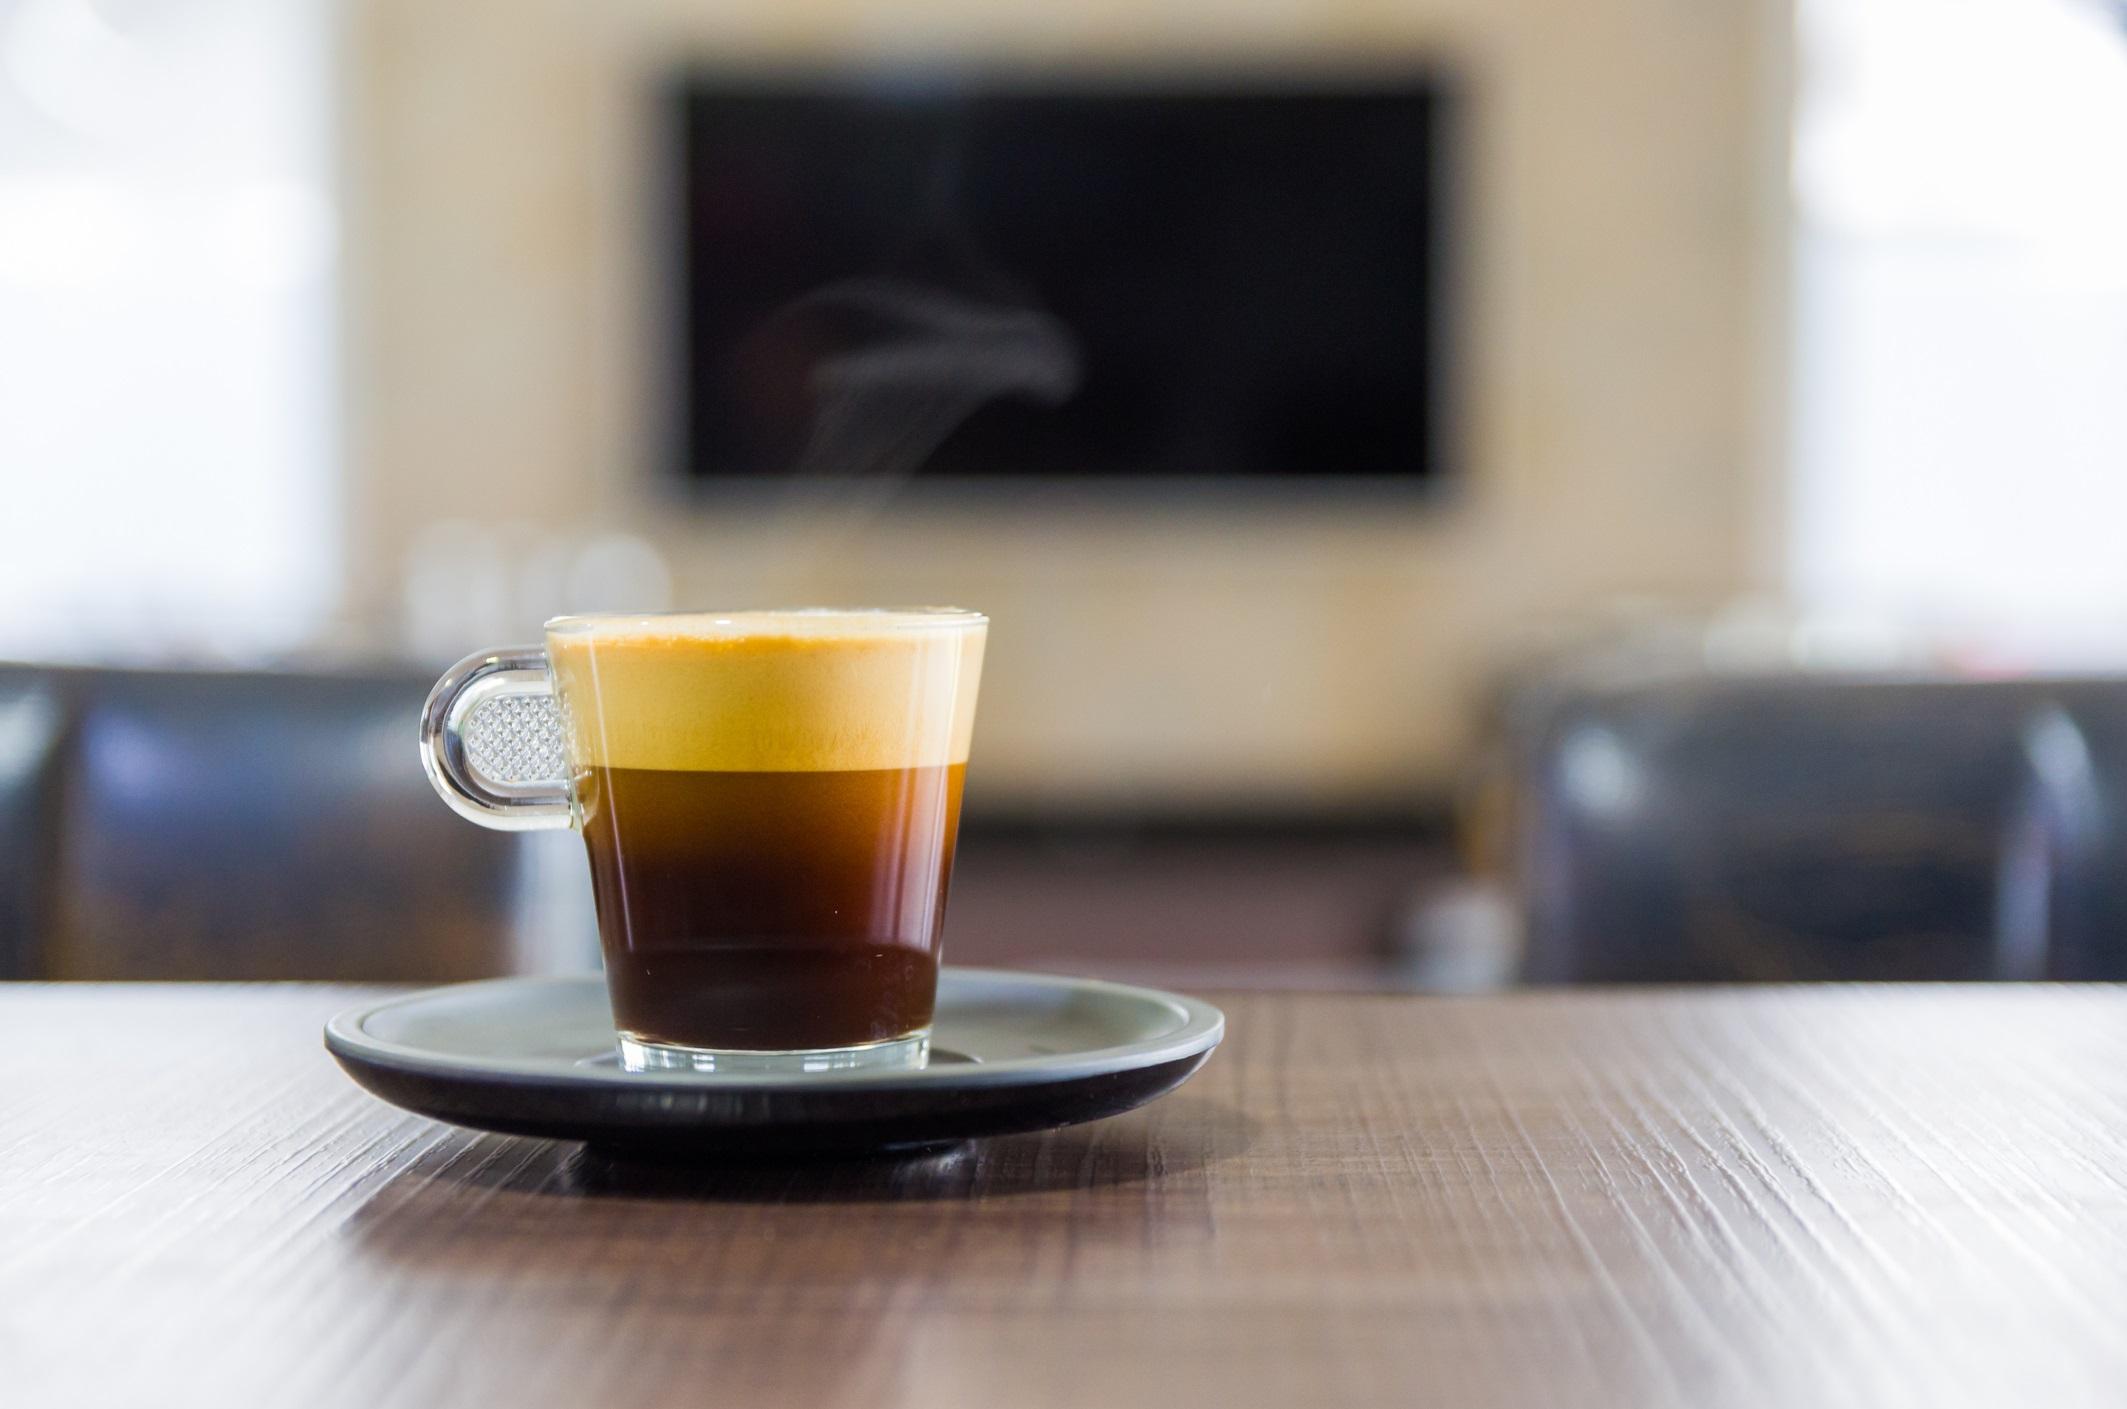 <p><strong>Хора с глаукома</strong></p>  <p>Според скорошно проучване вътреочното налягане се увеличава за тези с глаукома, когато консумират кафе, така че се препоръчва да се ограничи/избягва приемът му, но са необходими повече изследвания в тази посока.</p>